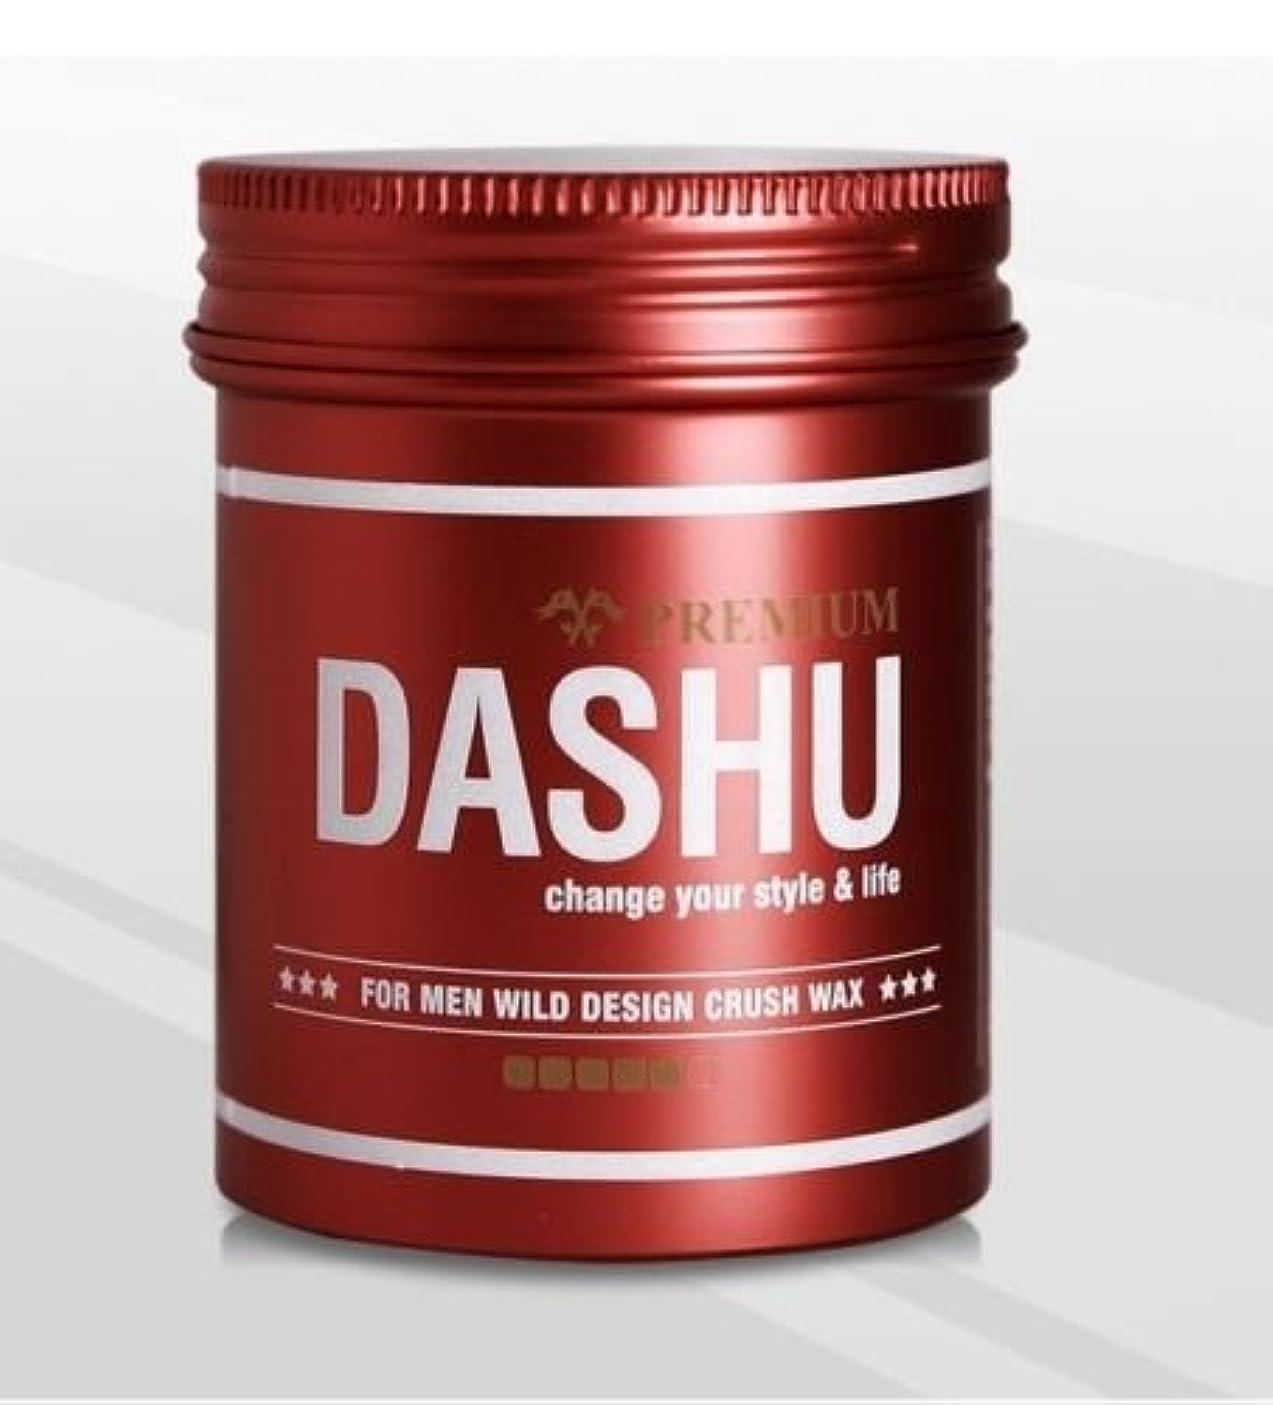 コークスブリーフケースベテラン[DASHU] ダシュ For Men男性用 プレミアムワイルドデザインクラッシュワックス Premium Wild Design Crush Hair Wax 100ml / 韓国製 . 韓国直送品